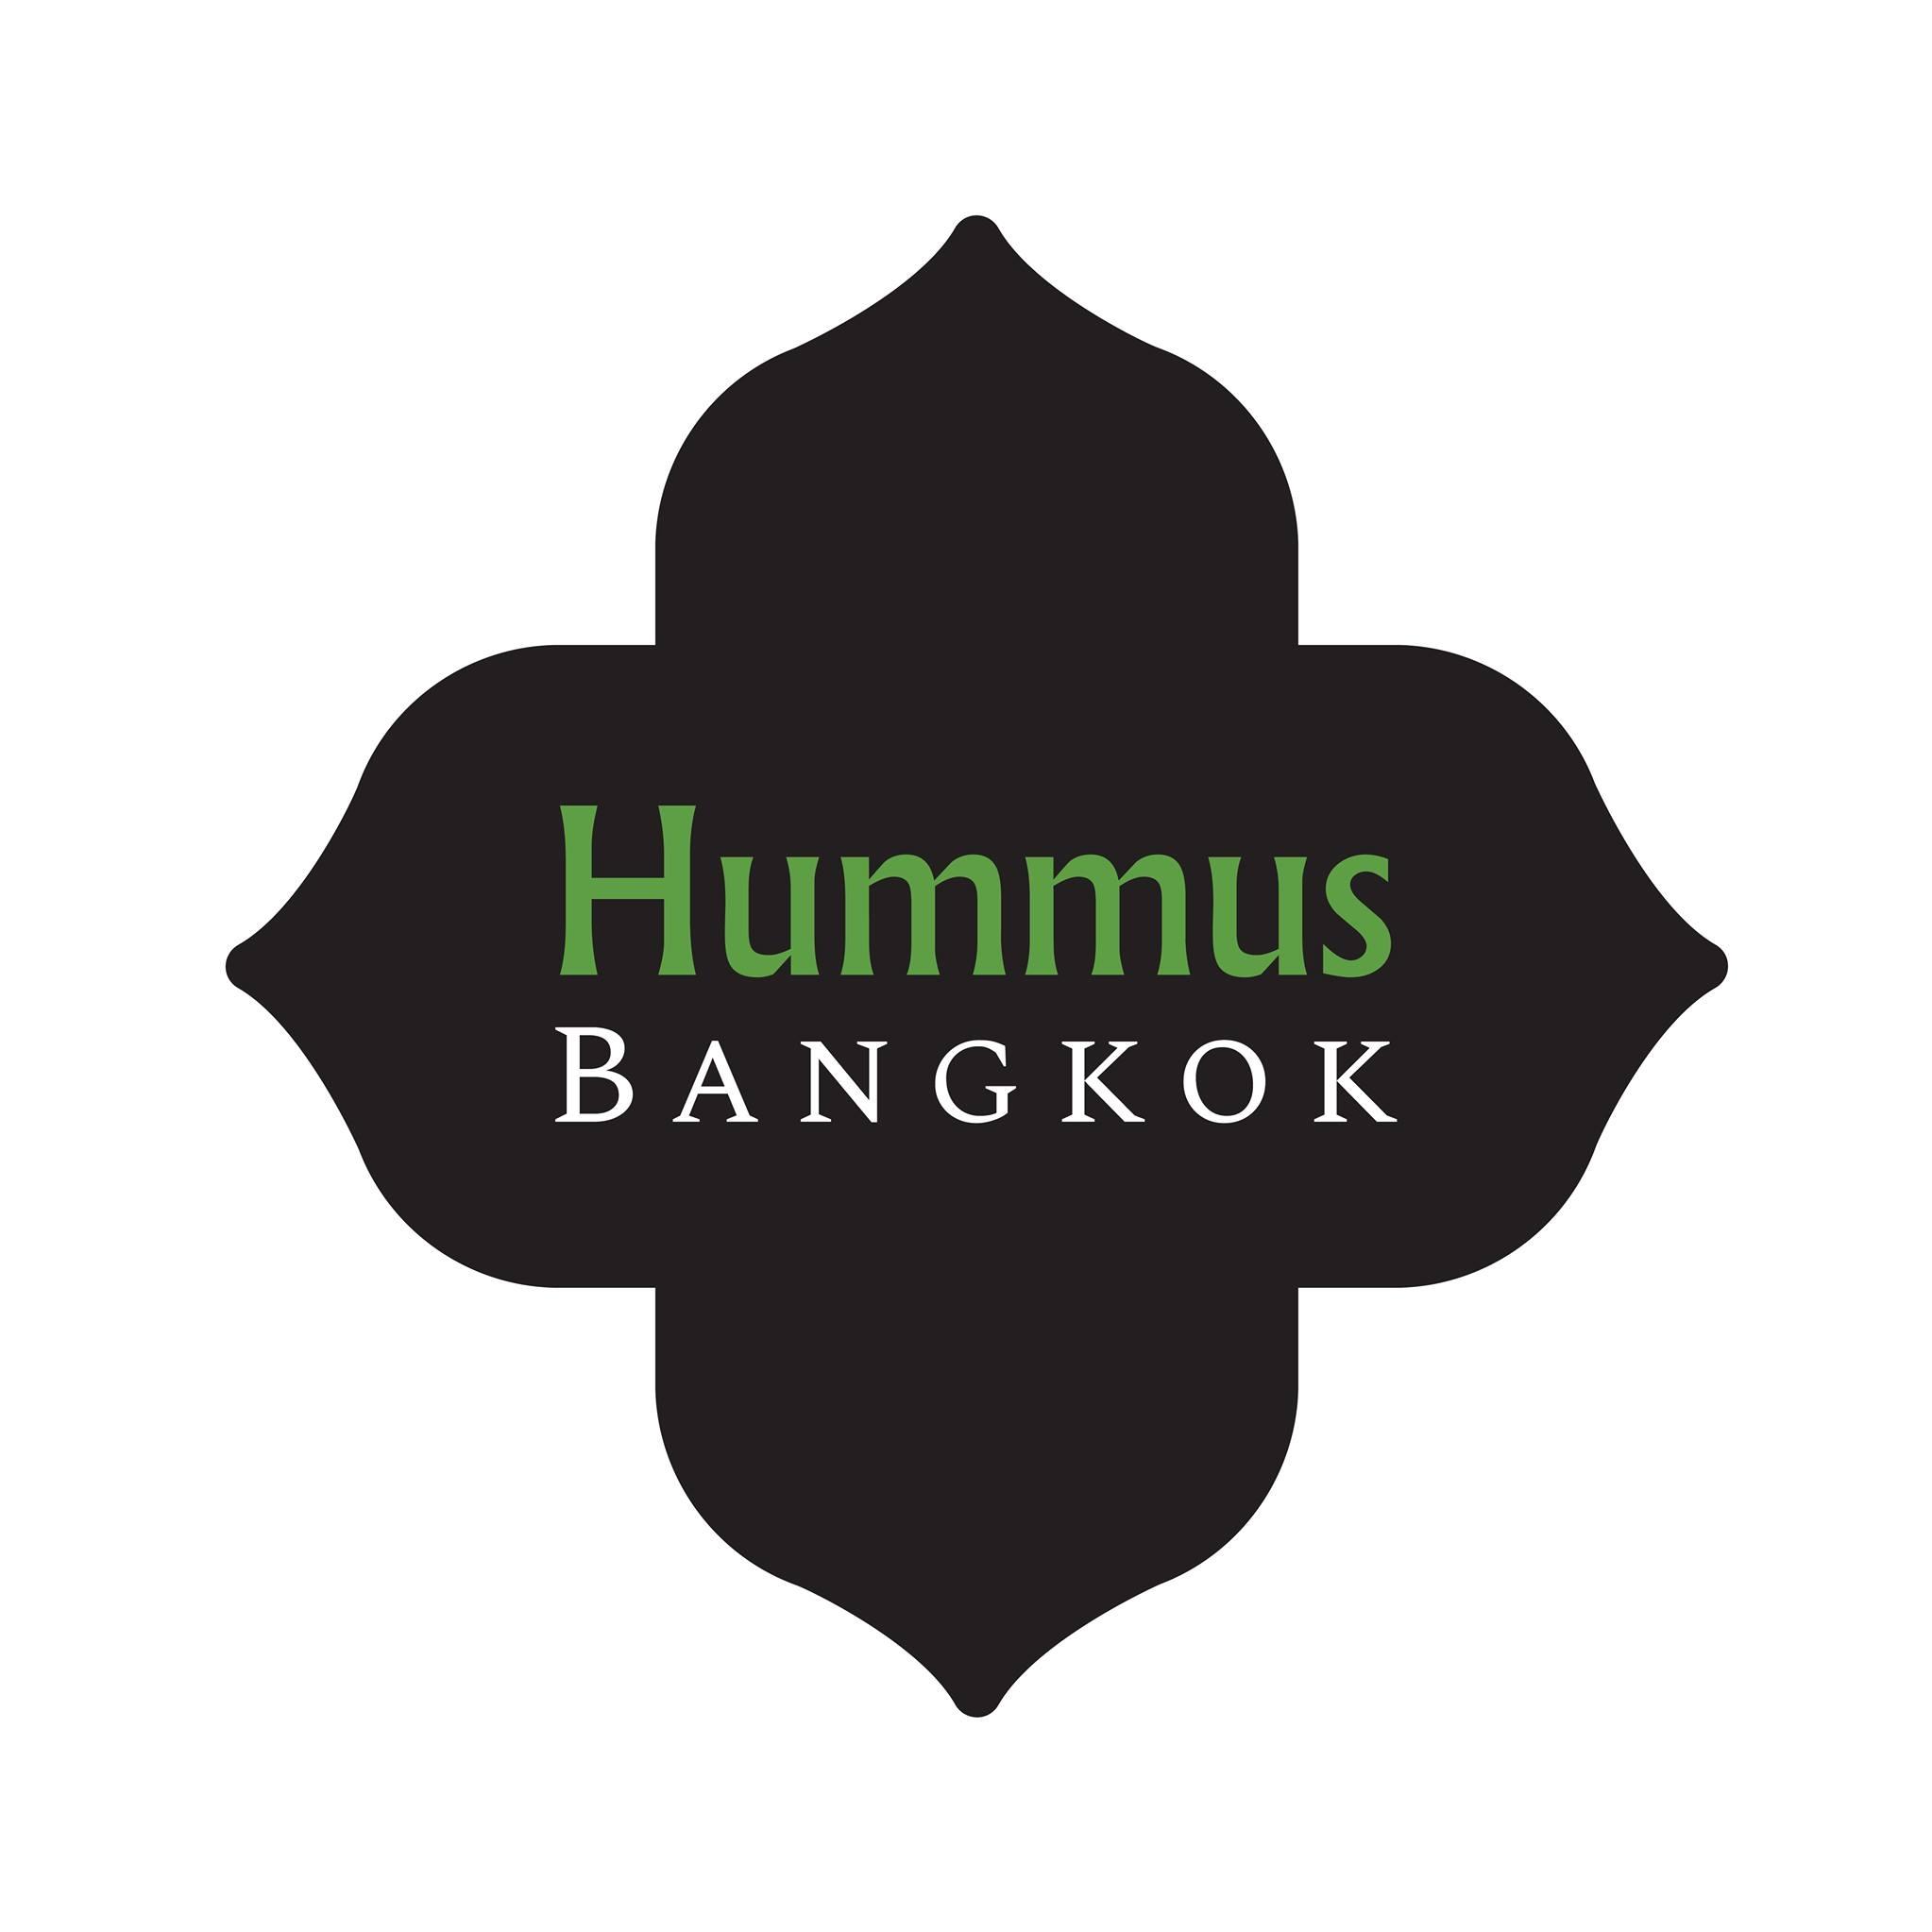 Hummus Bkk